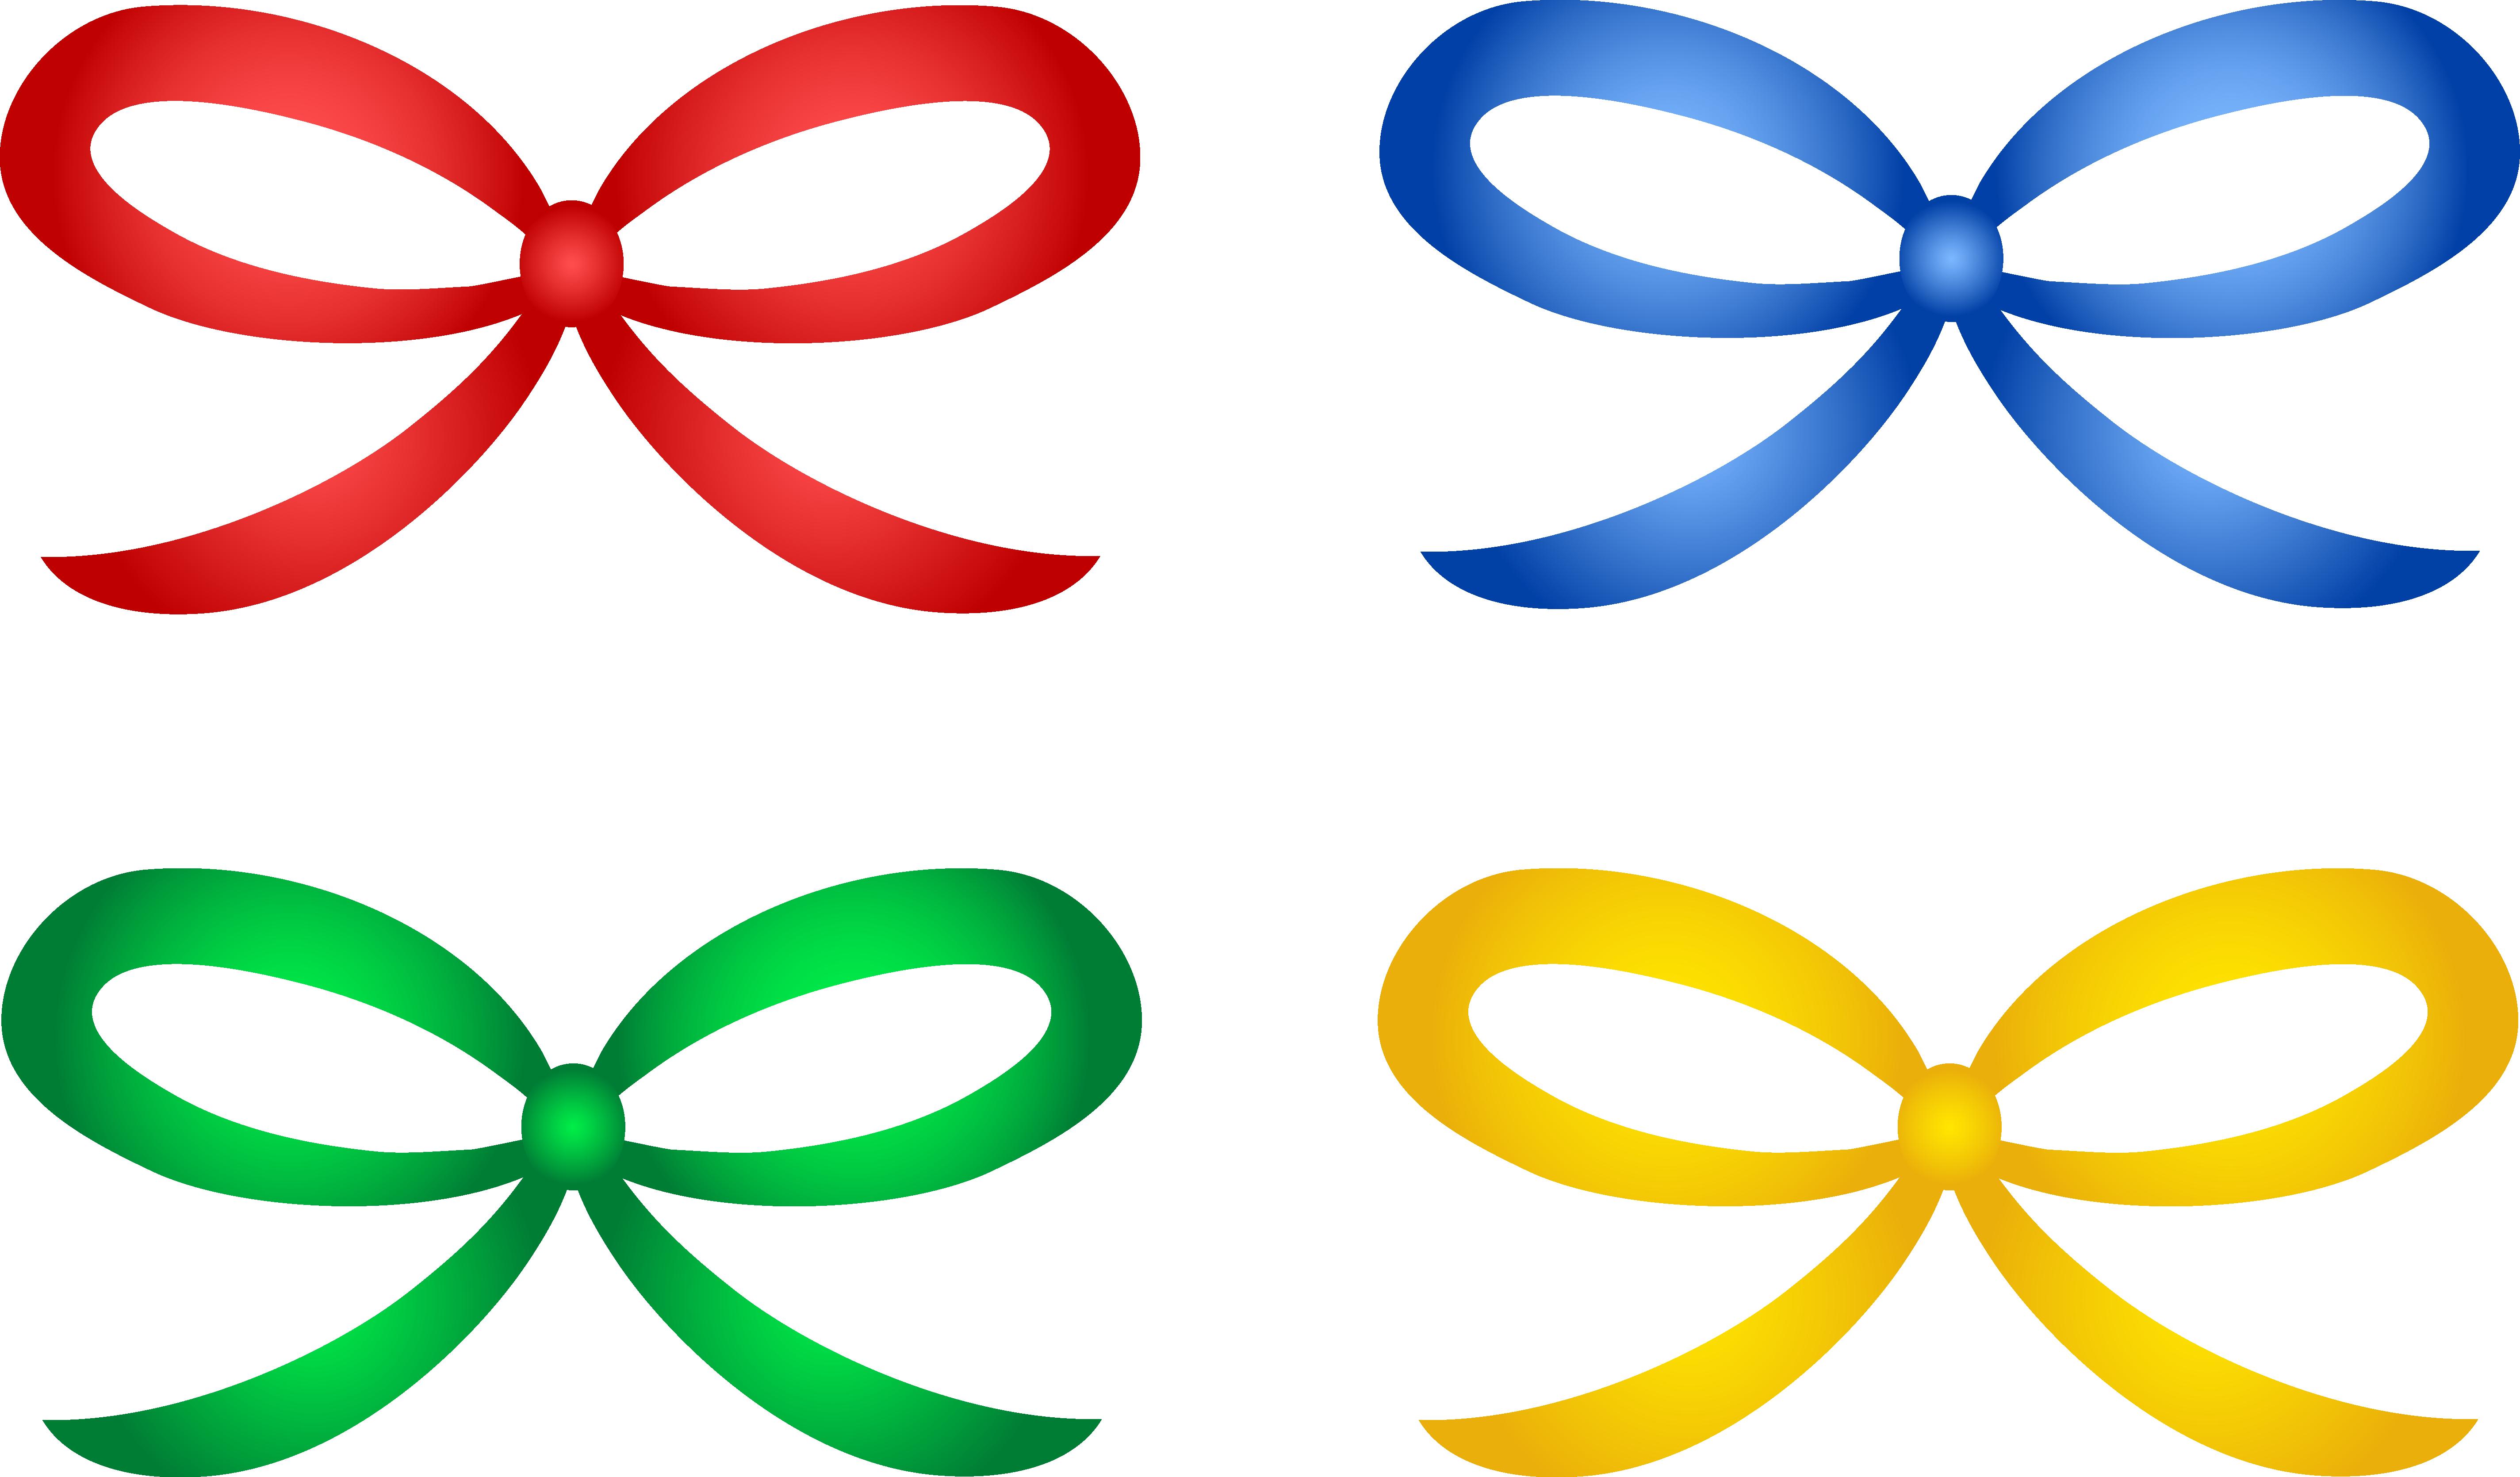 5698x3339 Four Shiny Holiday Ribbons